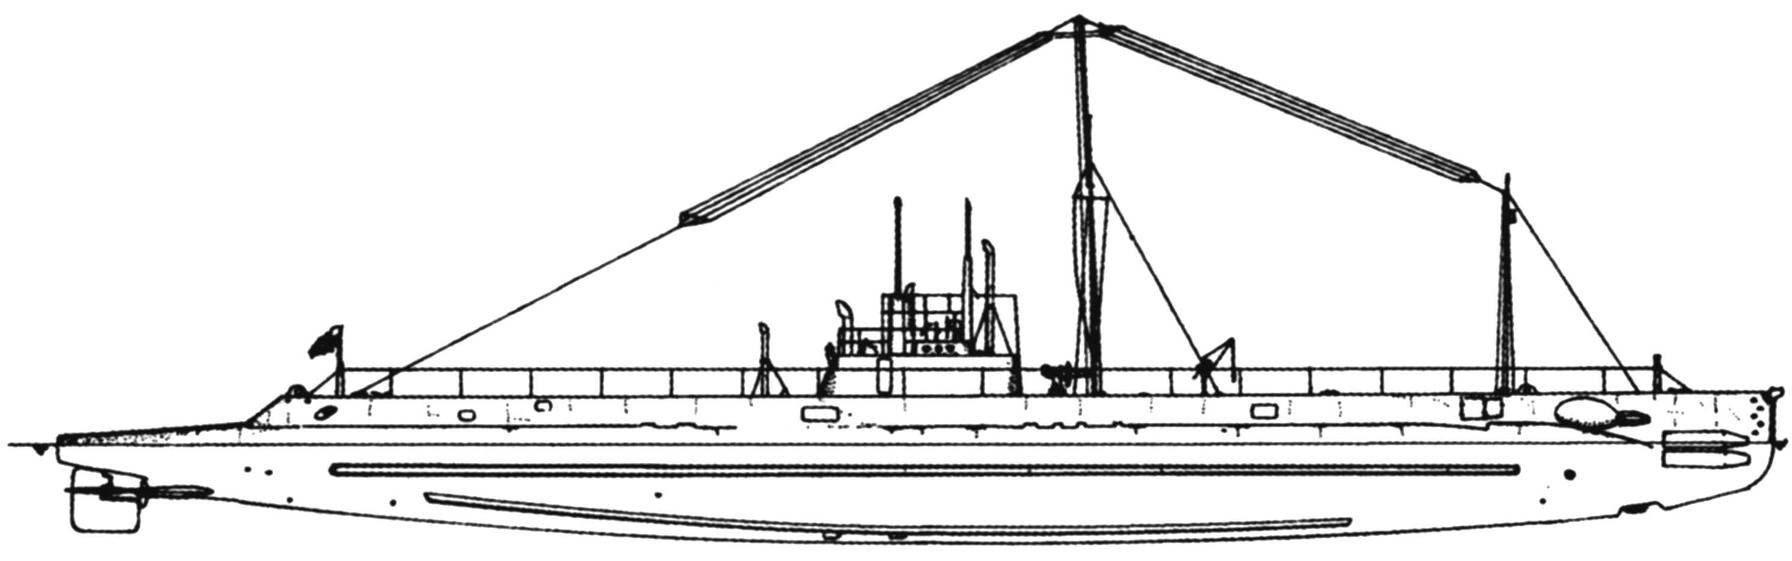 Подводная лодка «М-1» (SS-47), США, 1916 г.